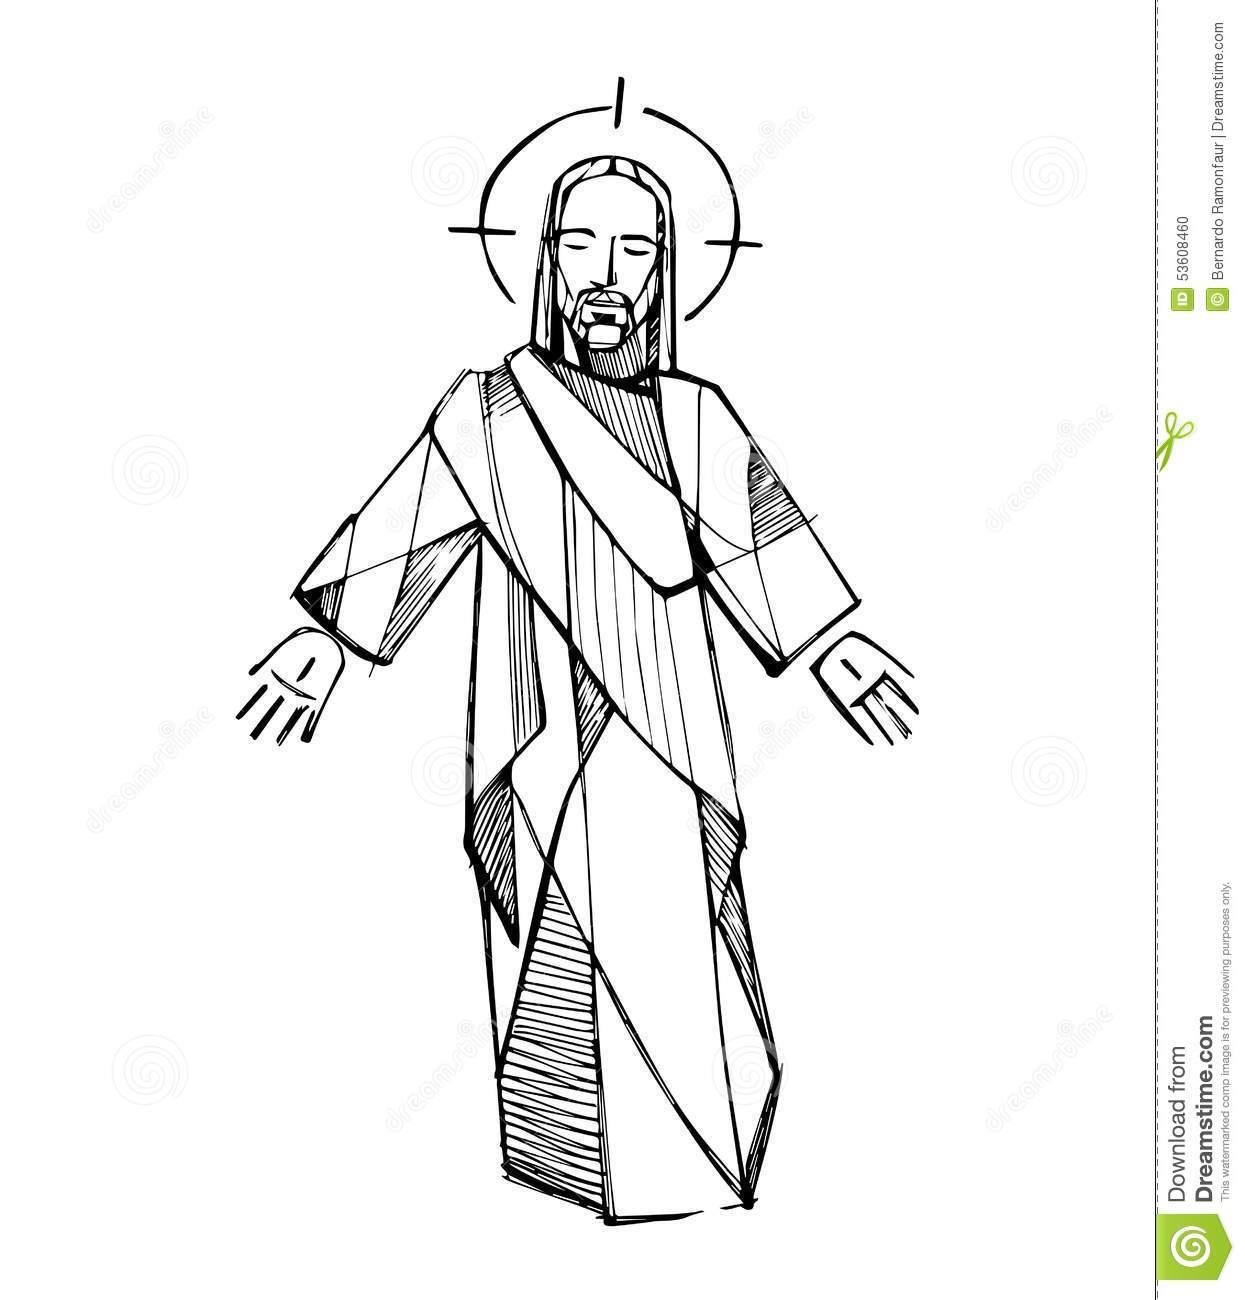 Risen jesus clipart 4 » Clipart Portal.